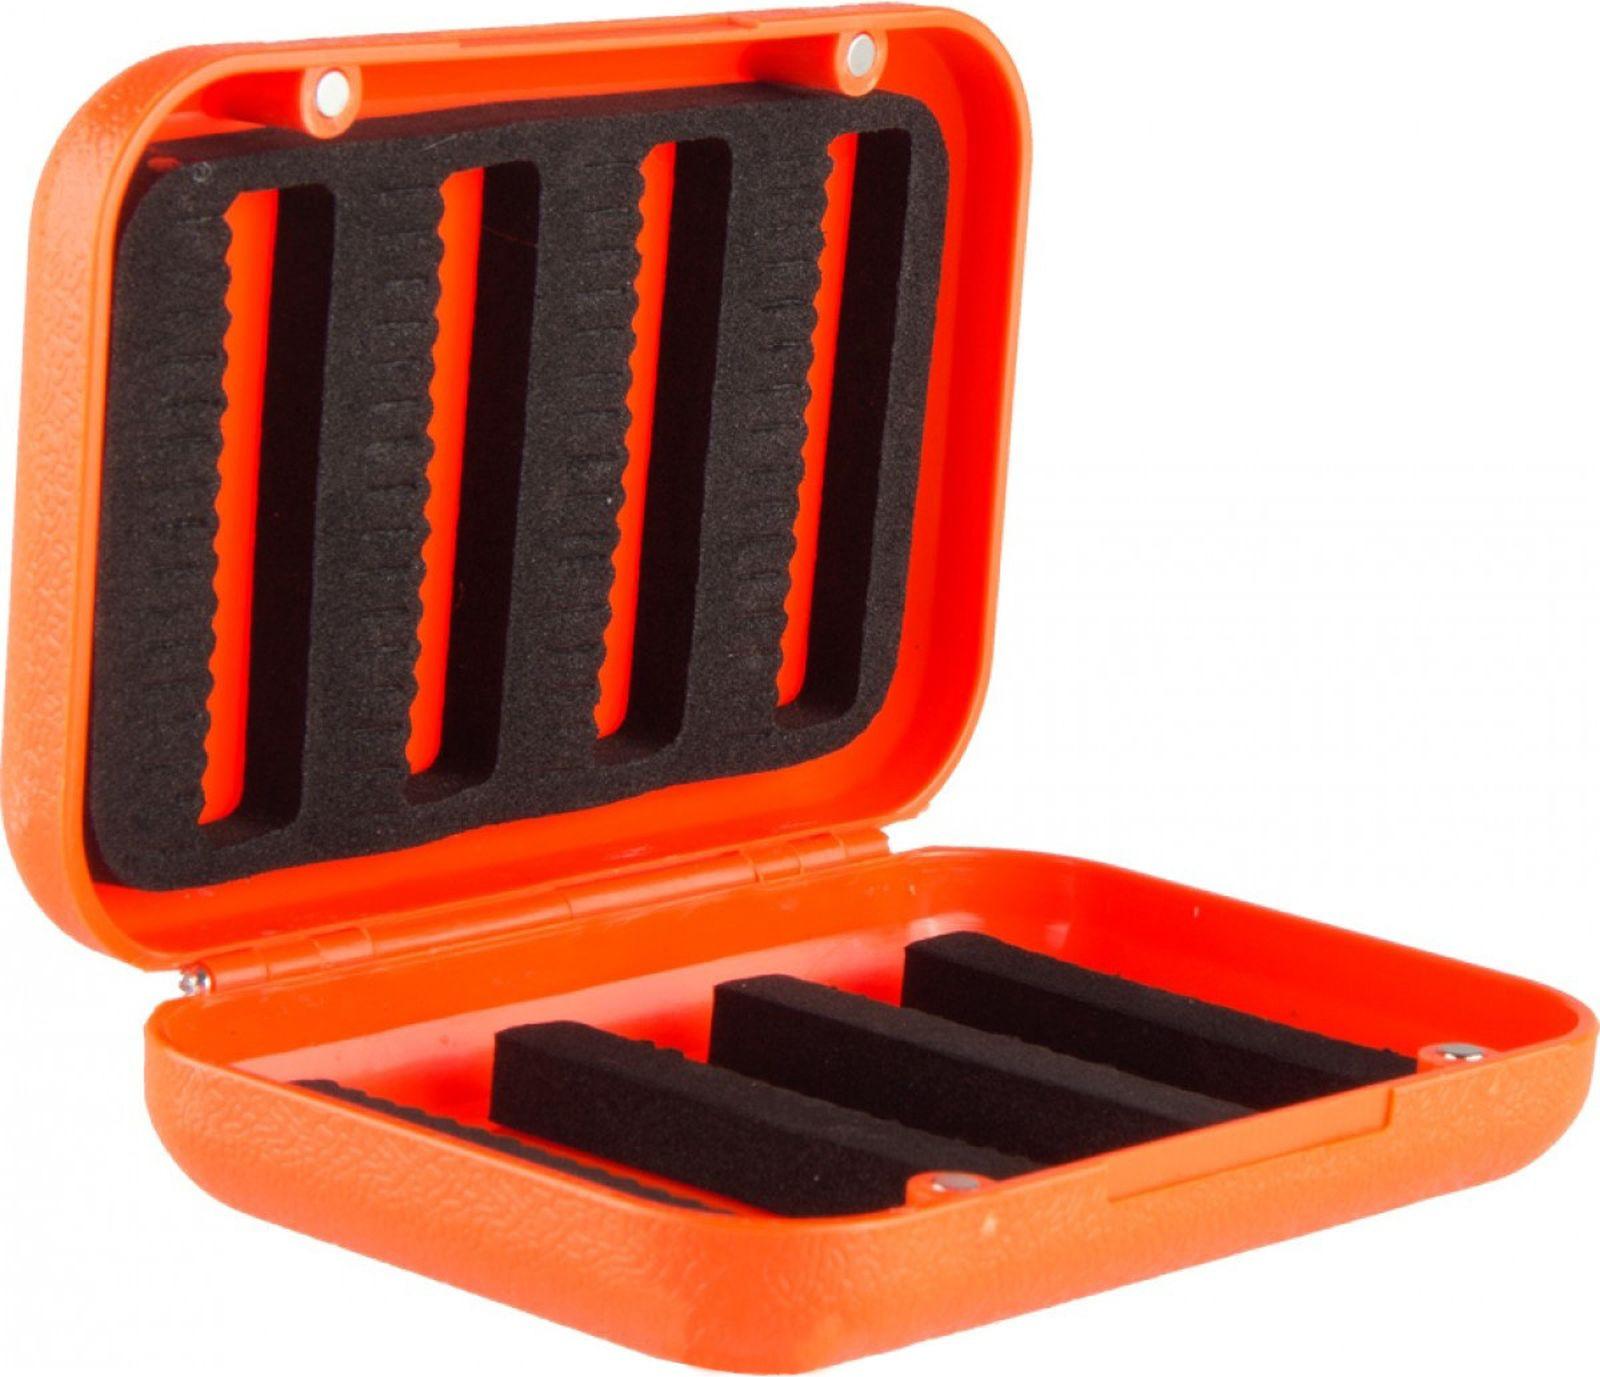 Контейнер для рыболовных принадлежностей Helios, HS-ZY-043, оранжевый, черный, 11 х 8 х 3 см